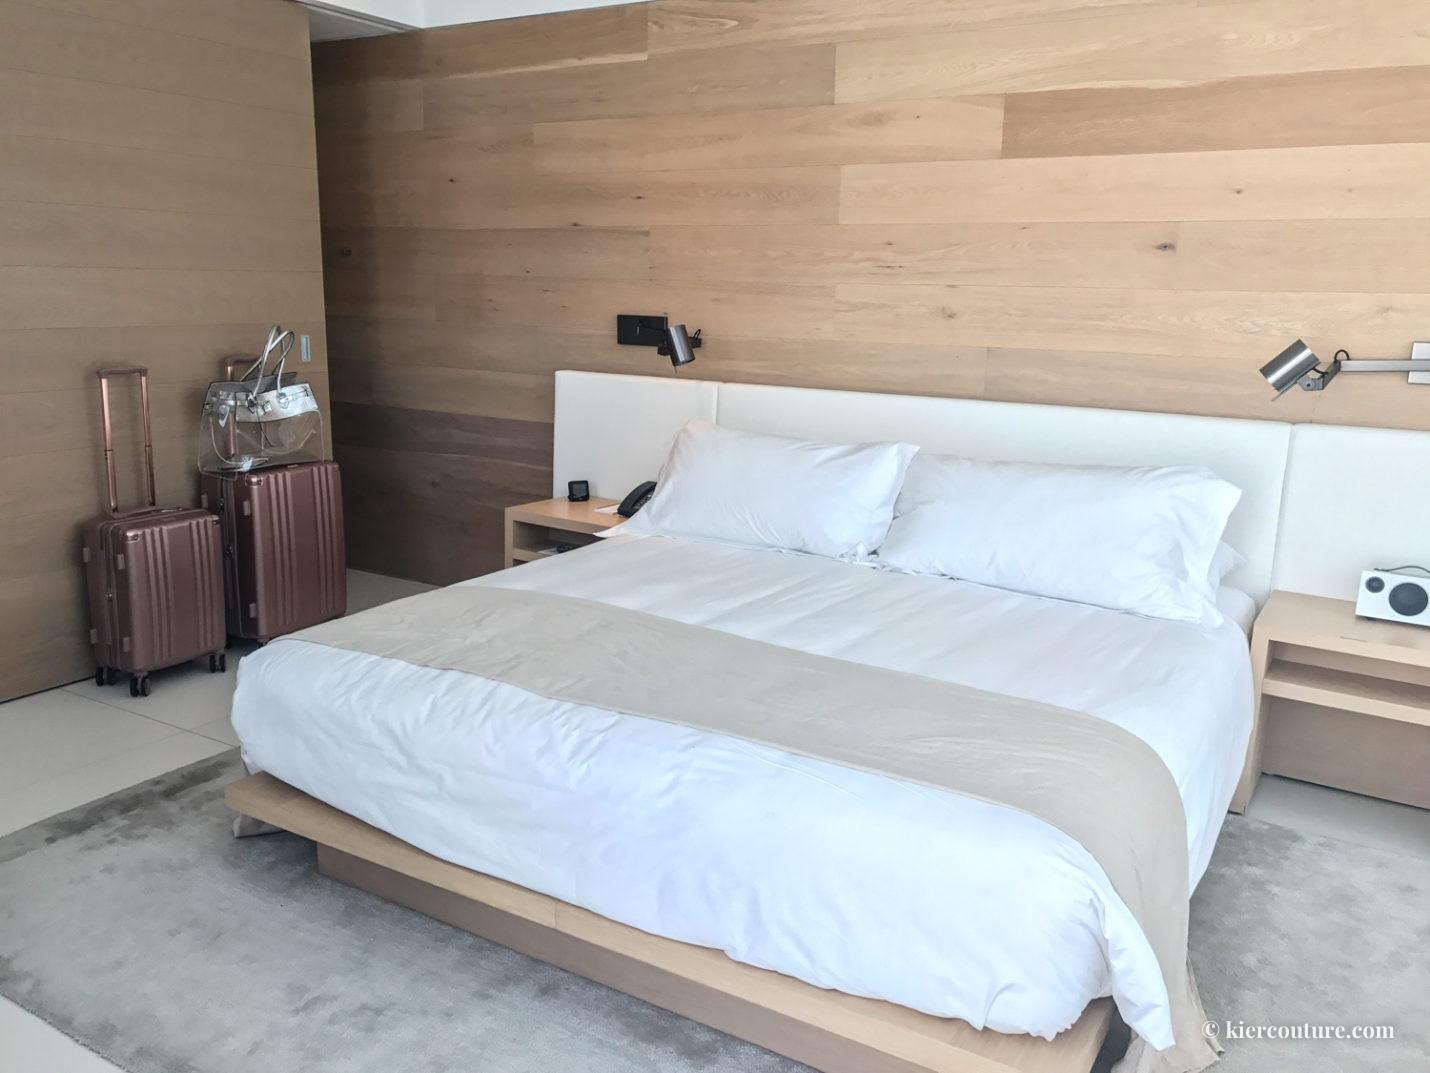 Miami beach edition hotel room